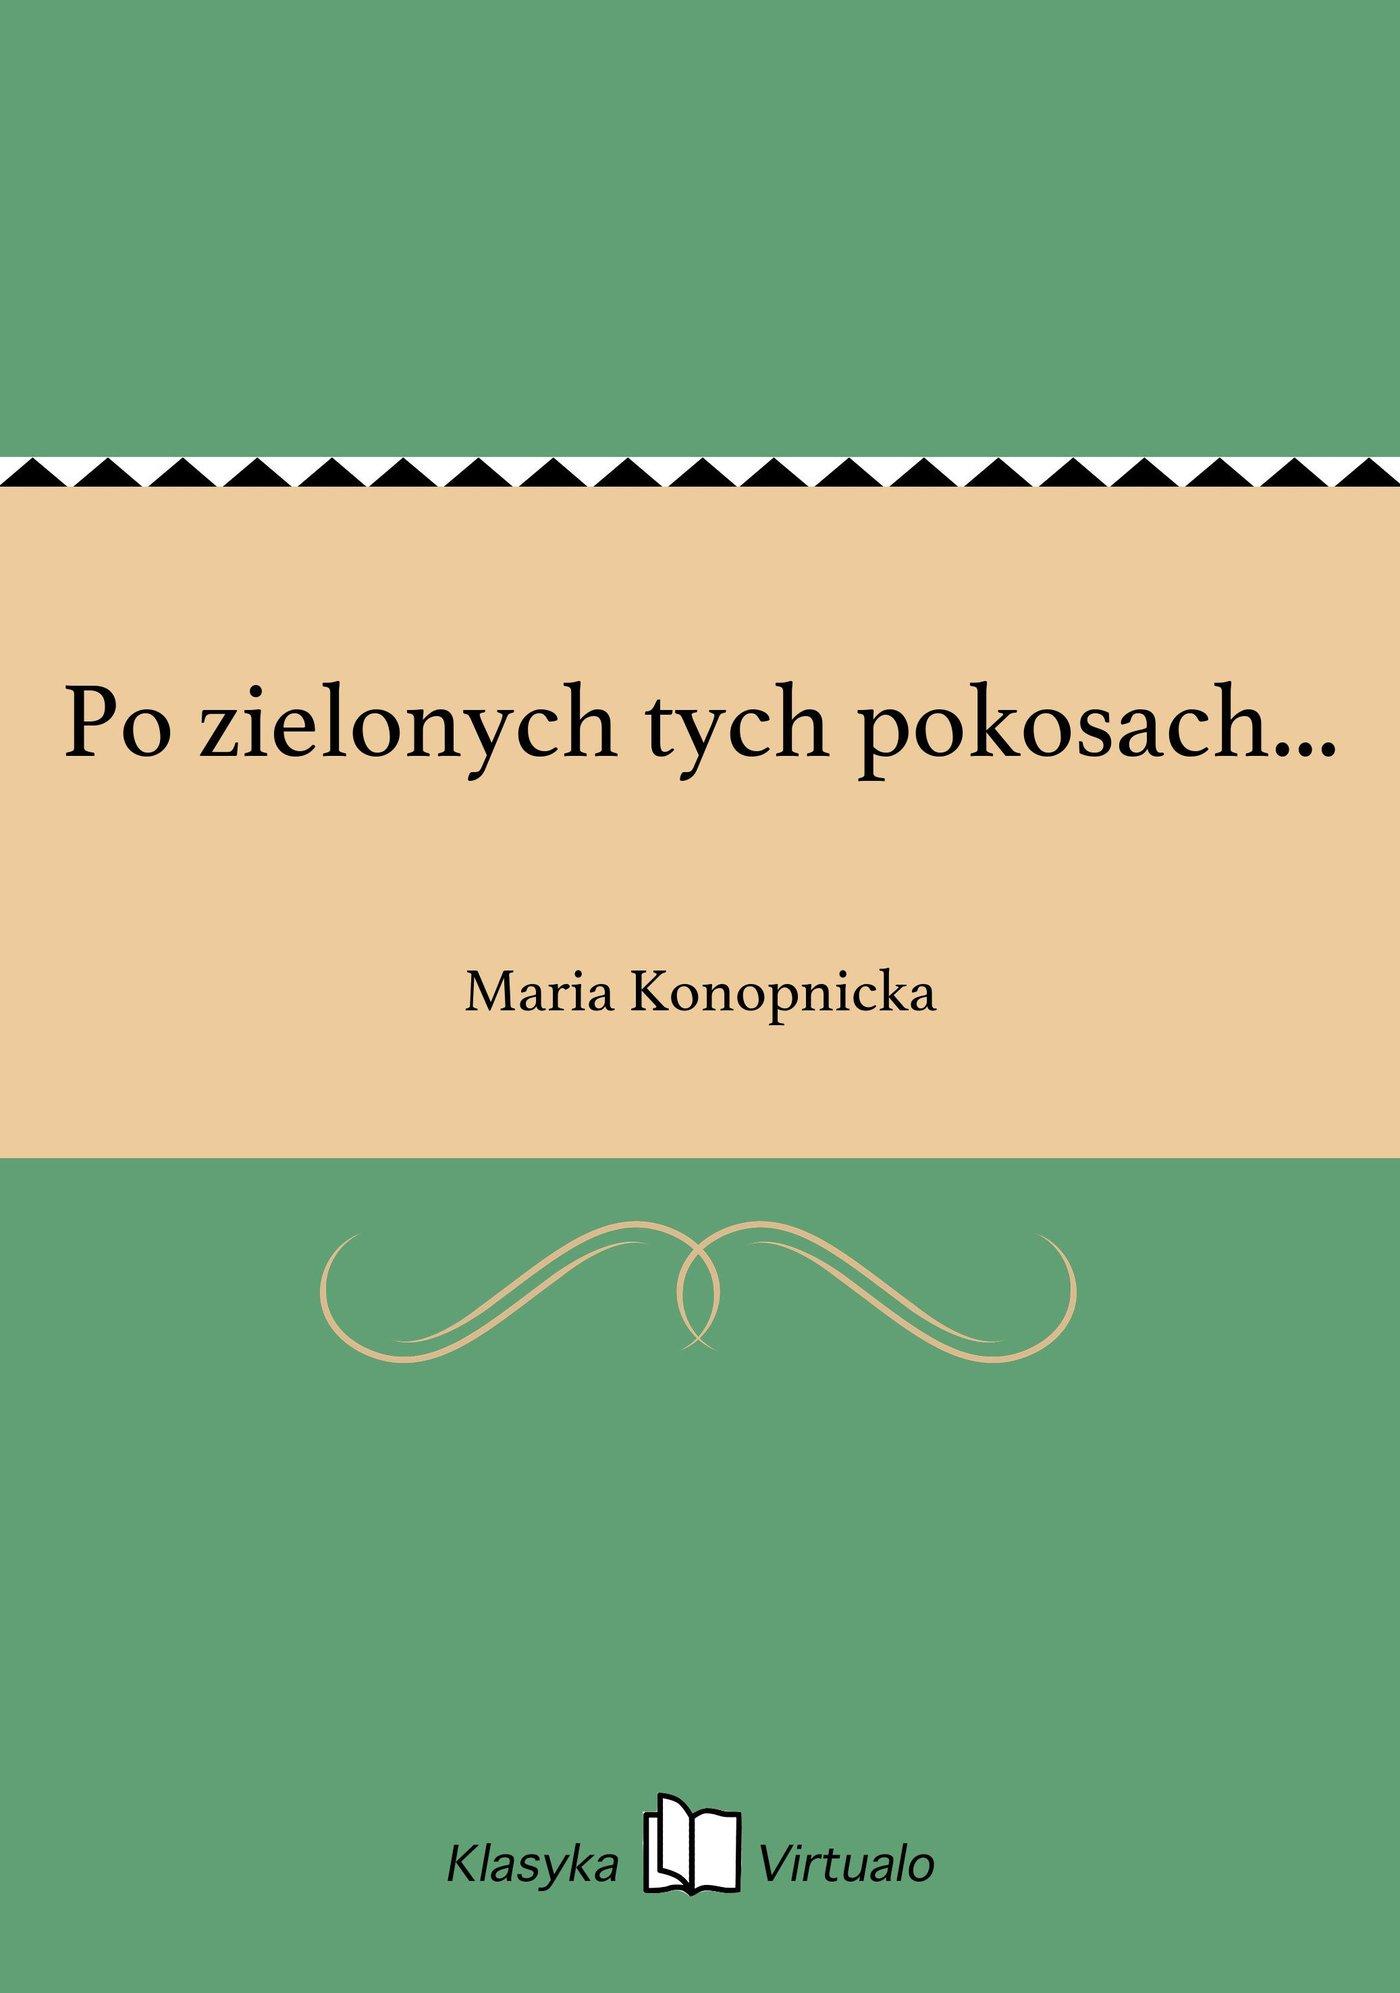 Po zielonych tych pokosach... - Ebook (Książka na Kindle) do pobrania w formacie MOBI